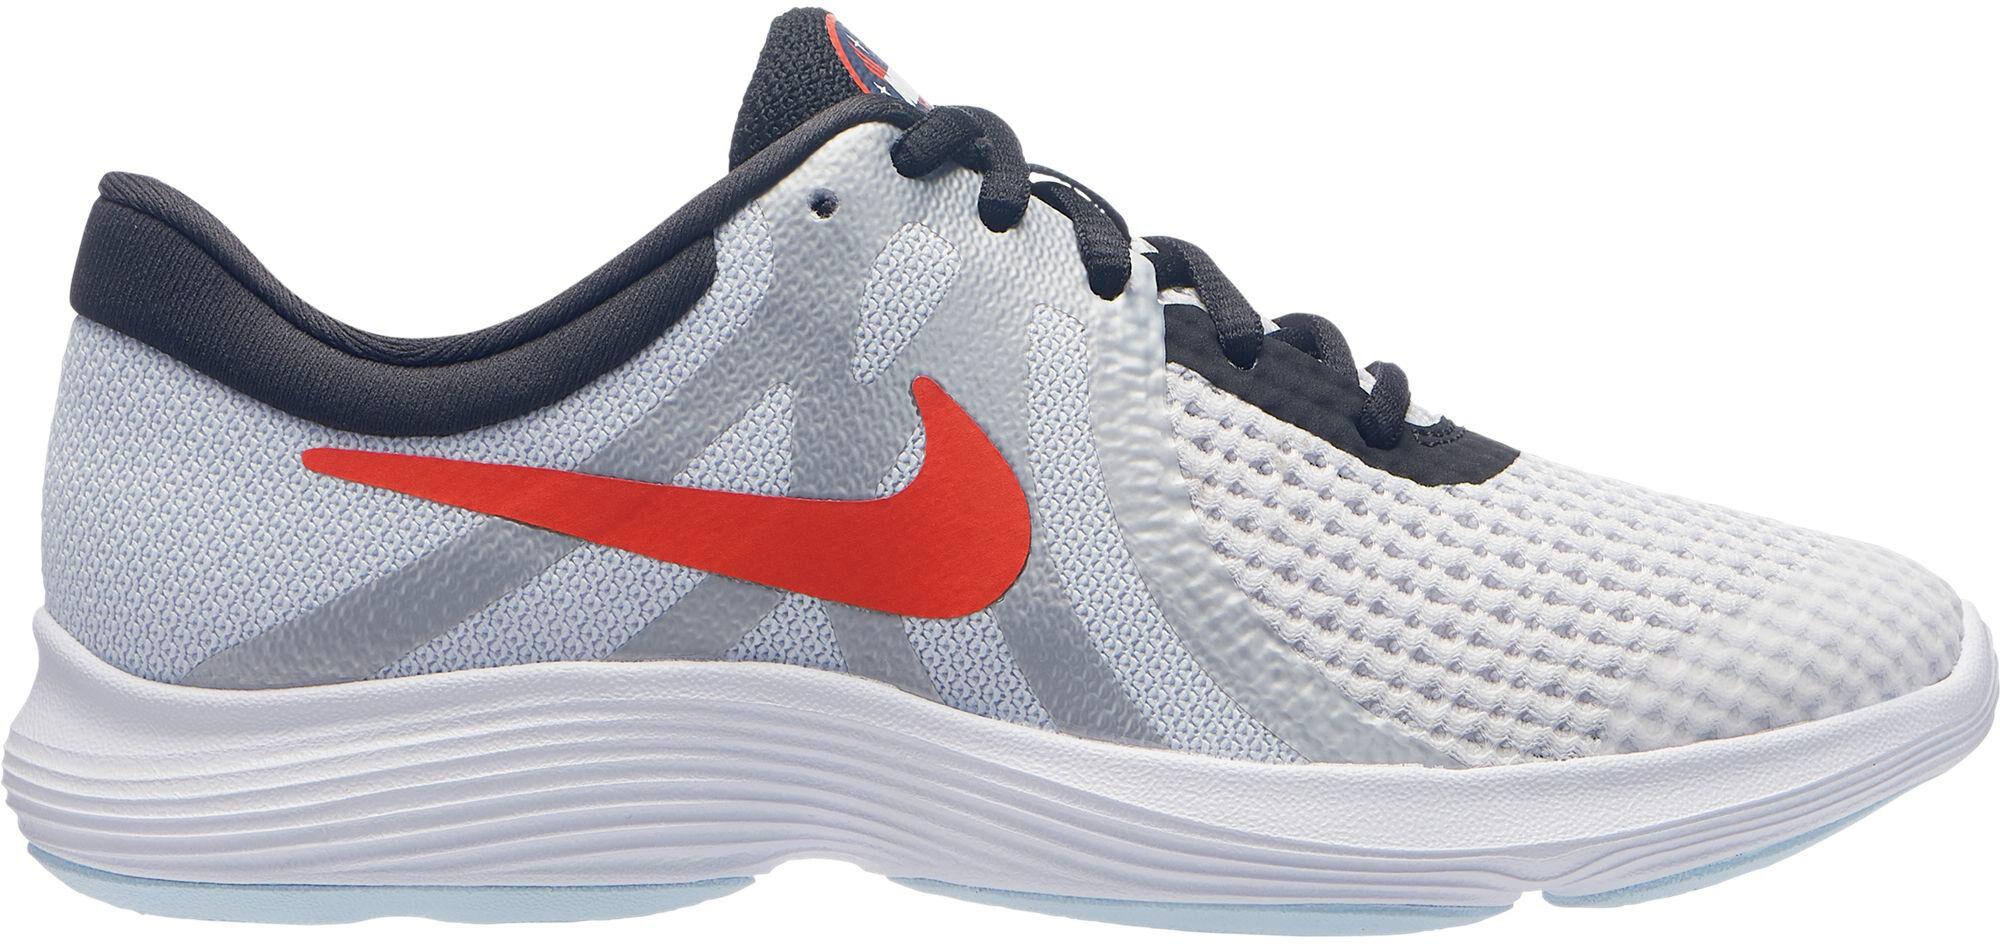 És Intersport CipőkSzéles Nike Választék A Nál Legjobb Márkák Az 8OnwZPkX0N